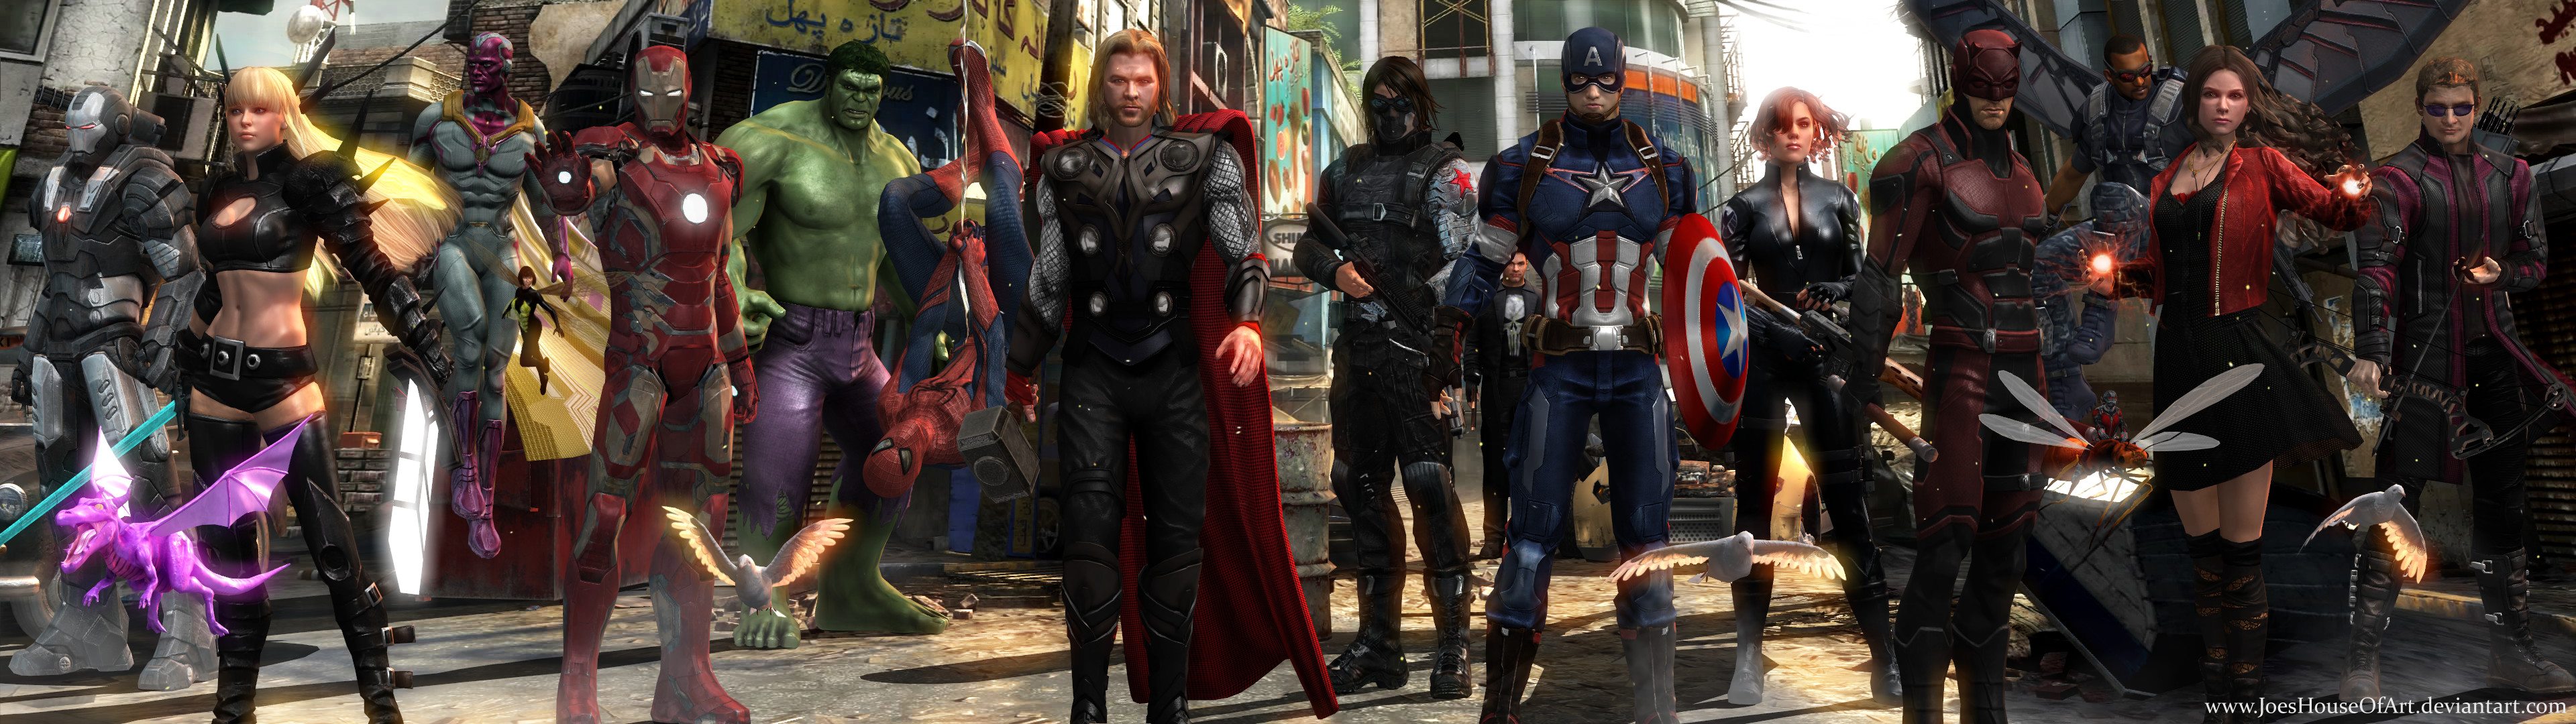 46 Avengers Dual Screen Wallpaper On Wallpapersafari